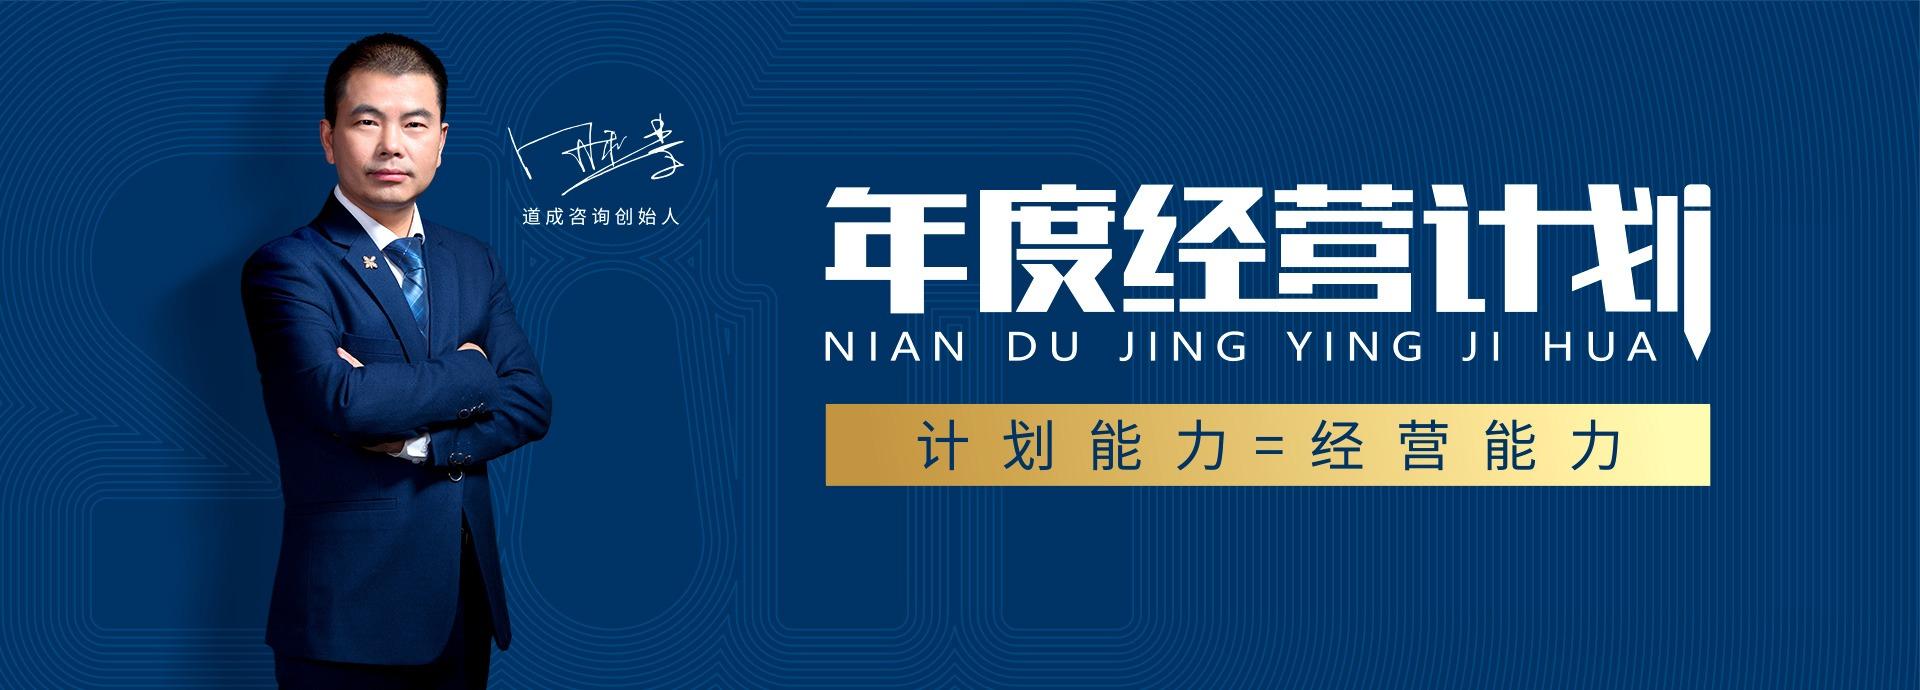 广州道成咨询-阿米巴版权培训课程-年度经营计划banner